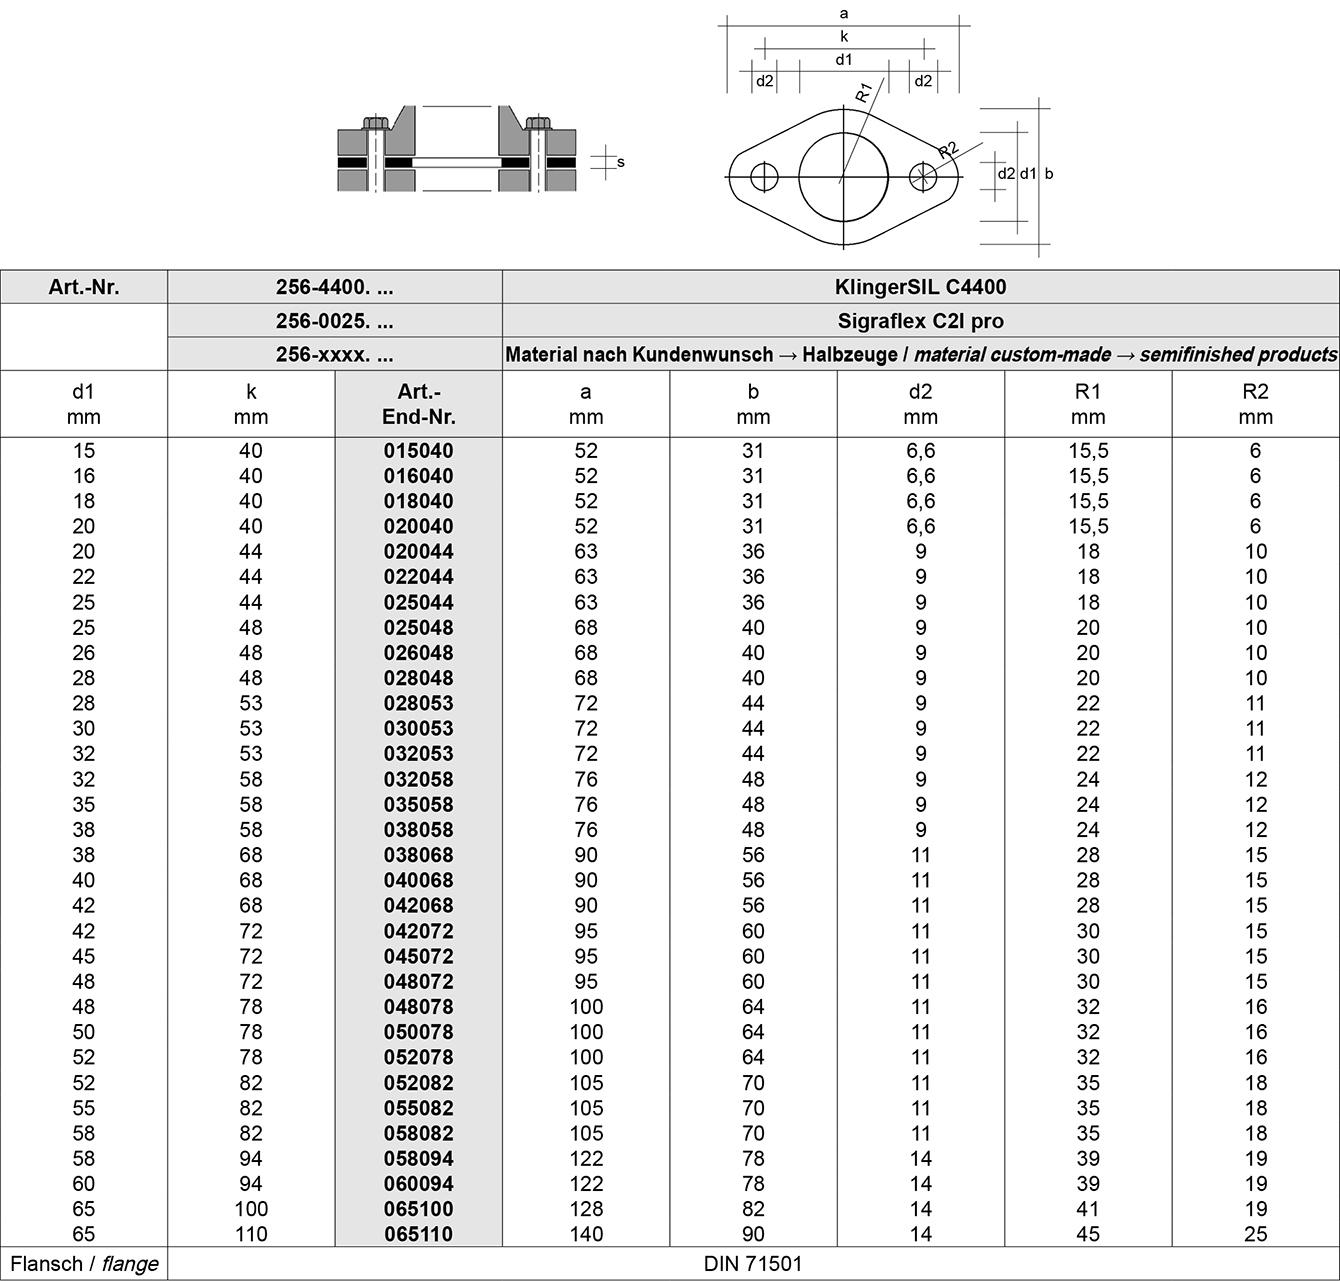 Tabelle DT Dichtungs-Technik GmbH, Dichtungstechnik, DT, Bremen, Schläuche, Armaturen, Dichtungen, Dichtringe, Profile, EN 1514-6, EN 12560-2, ASME B16.20, Metalldichtungen, Kammprofildichtungen, Kammprofil, Hochdruckdichtungen, Flansche, DIN, TG, Nut und Feder, SR, Vor und Rücksprung, RTJ, ANSI,  ASME B 16.5, EN 1759-1